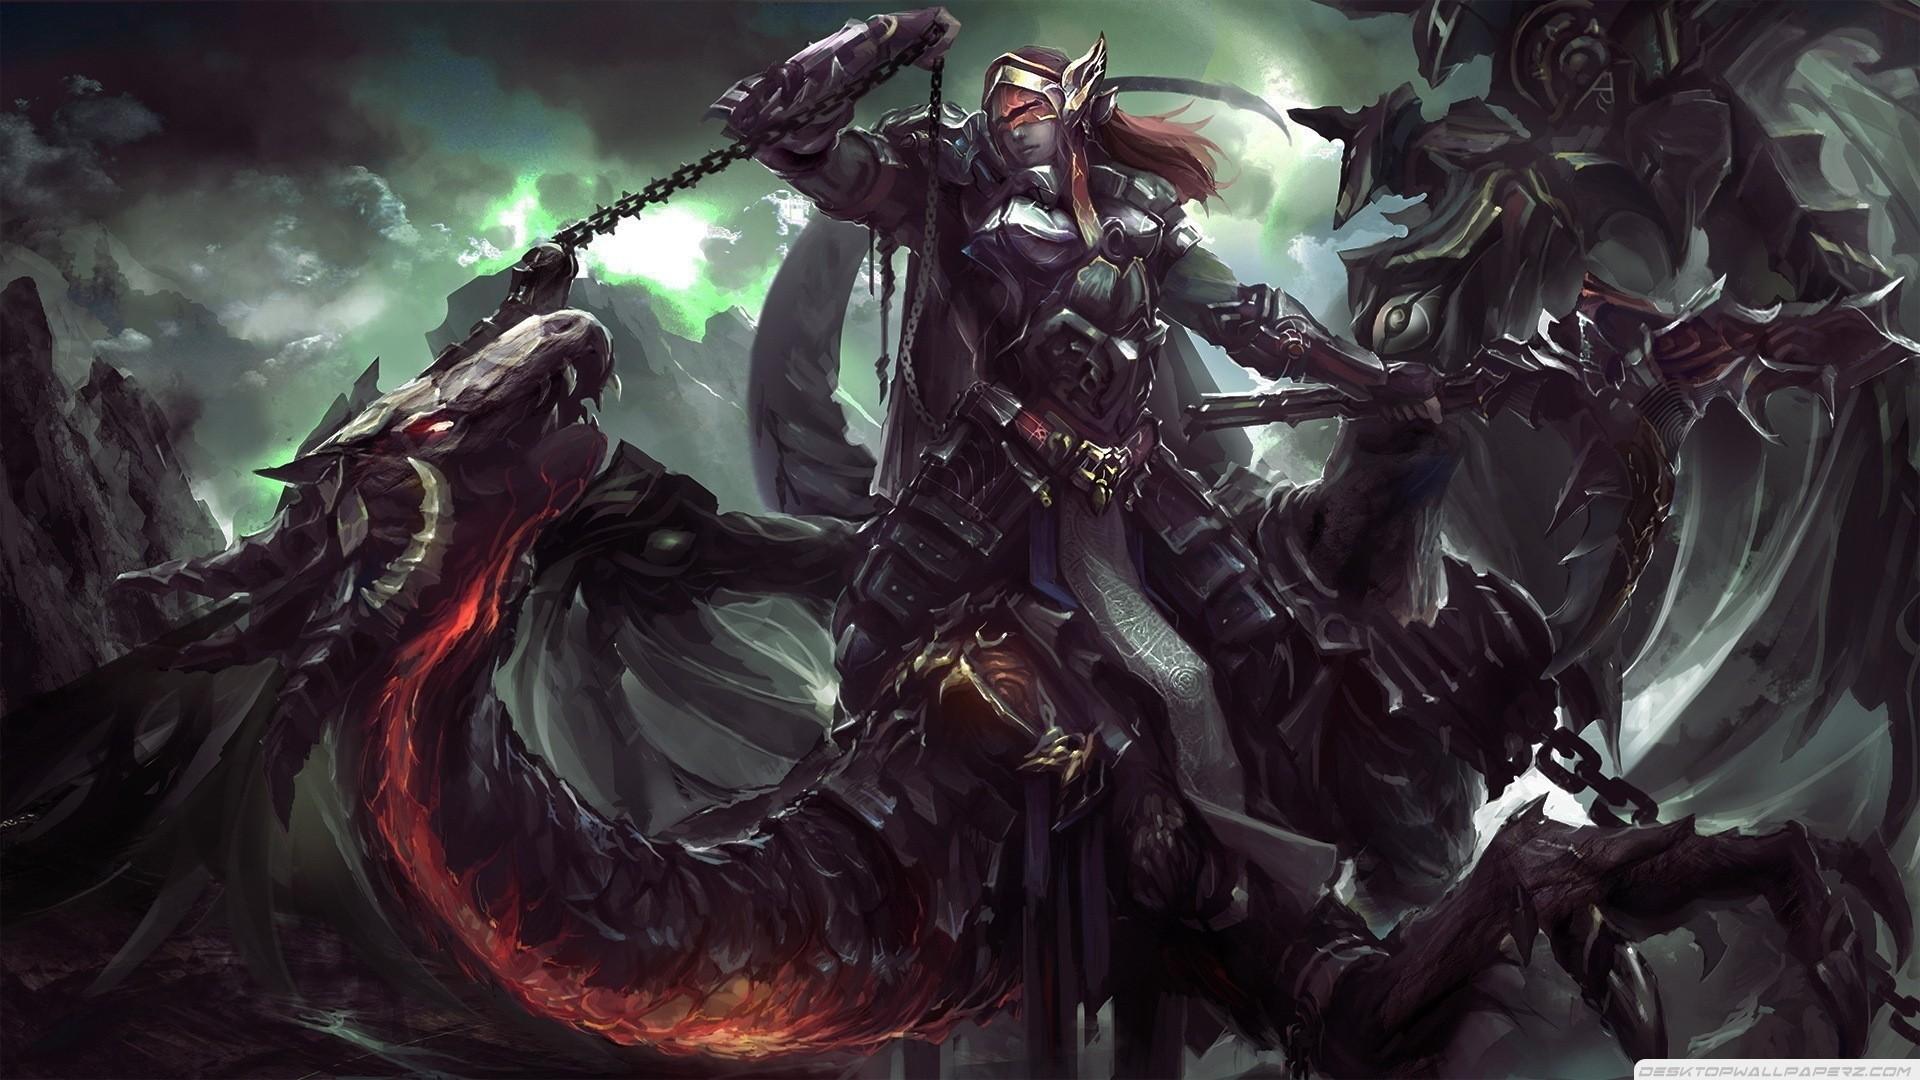 horror art   Dragons Knights Horror Fantasy Art Artwork 1920×1080 Wallpaper